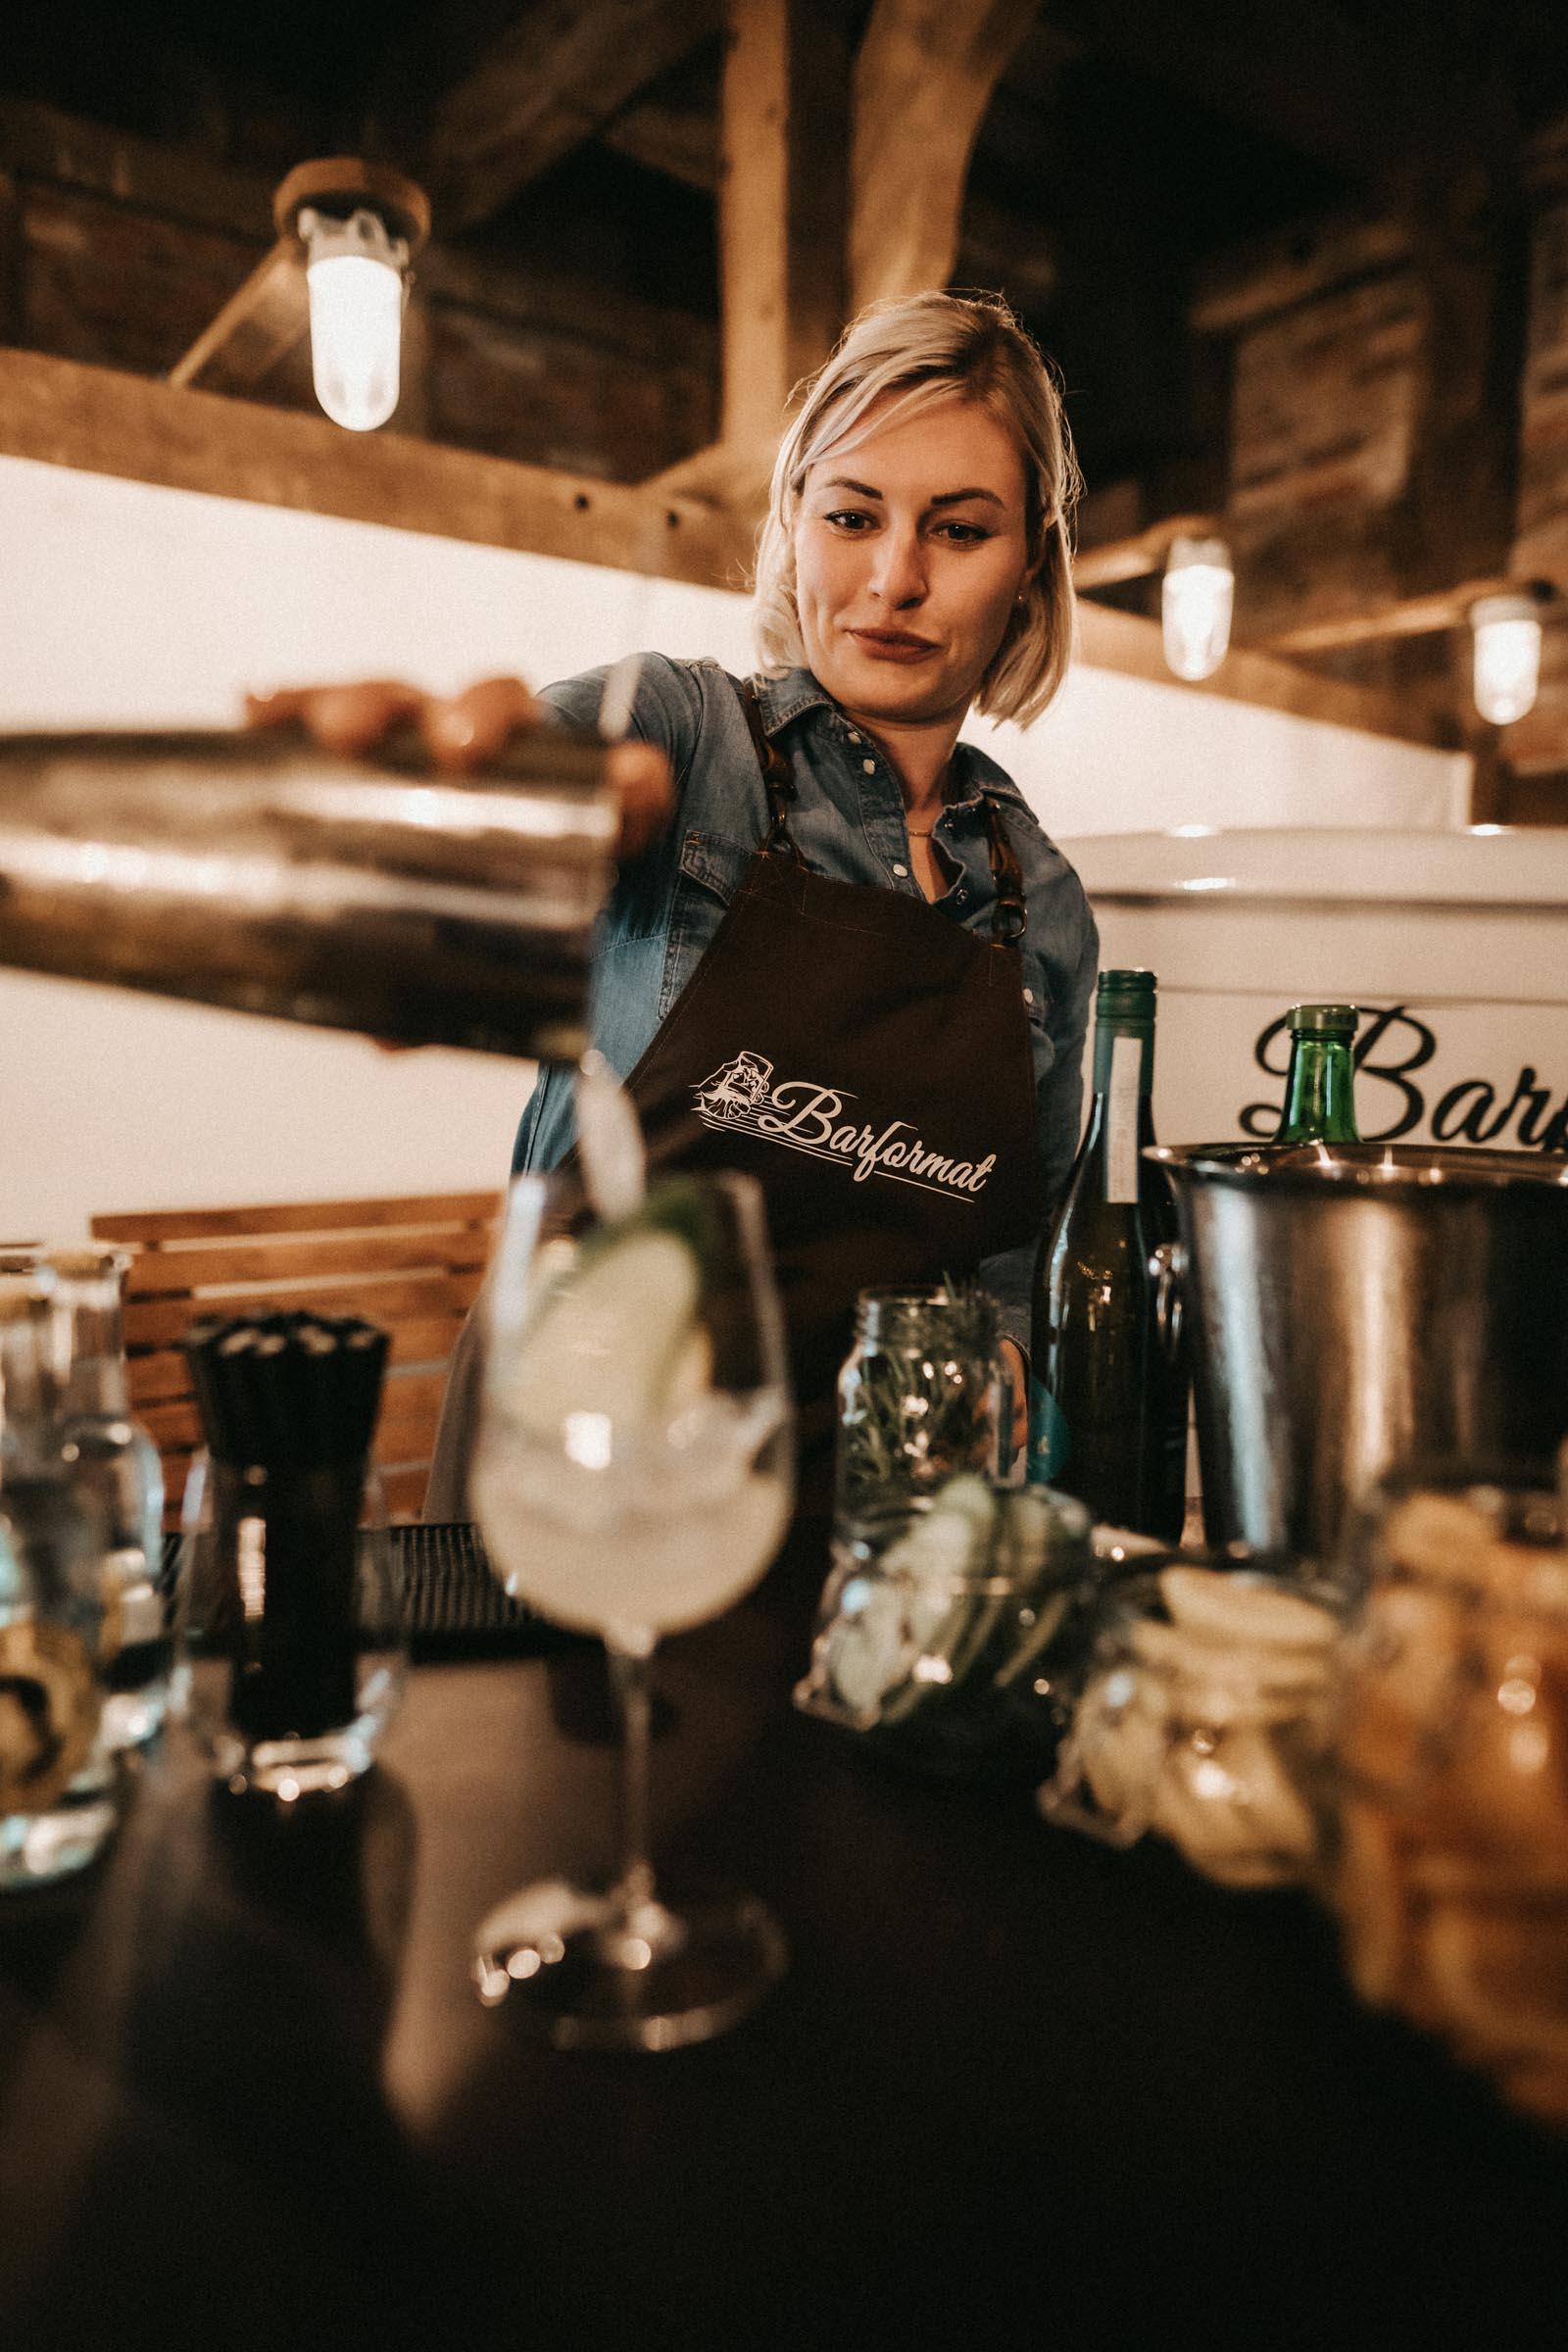 Barformat | Mobile | Bar | Cocktailservice | Hannover | Hamburg | Bremen | Braunschweig | Cocktailbar | Sektempfang | Bulli | Bar | Hochzeit | Barkeeper | Messen | Firmenfeiern | Catering | Food | Truck | Getränke | Ape | VW